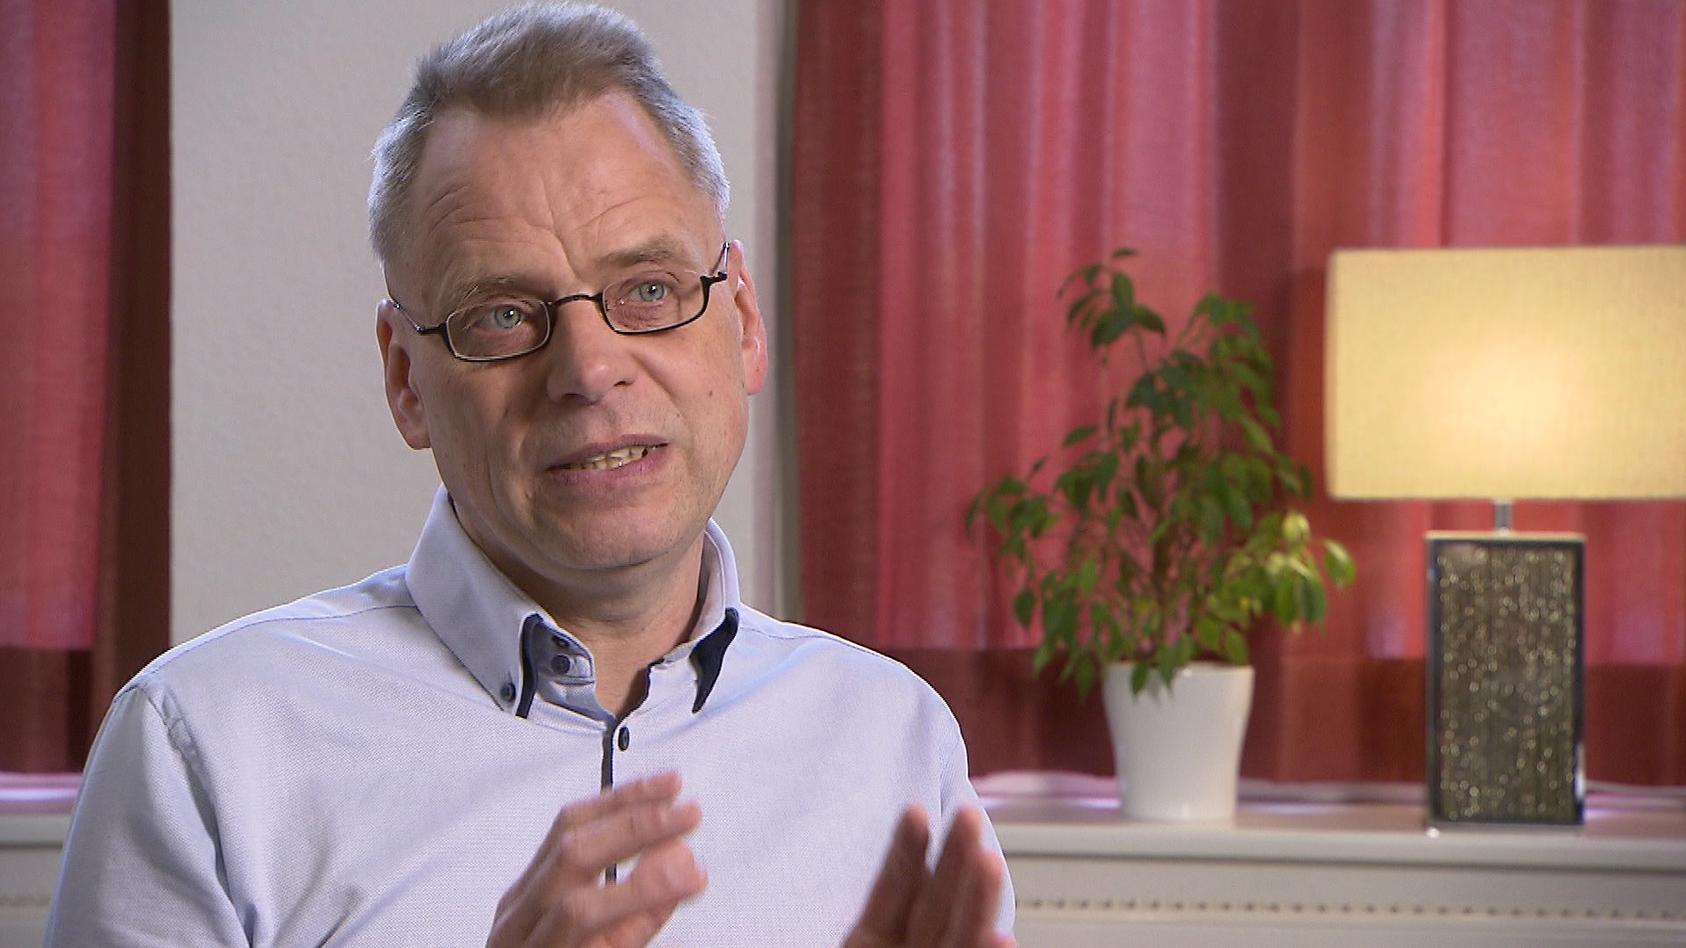 Diplom-Psychologe Dirk Baumeier